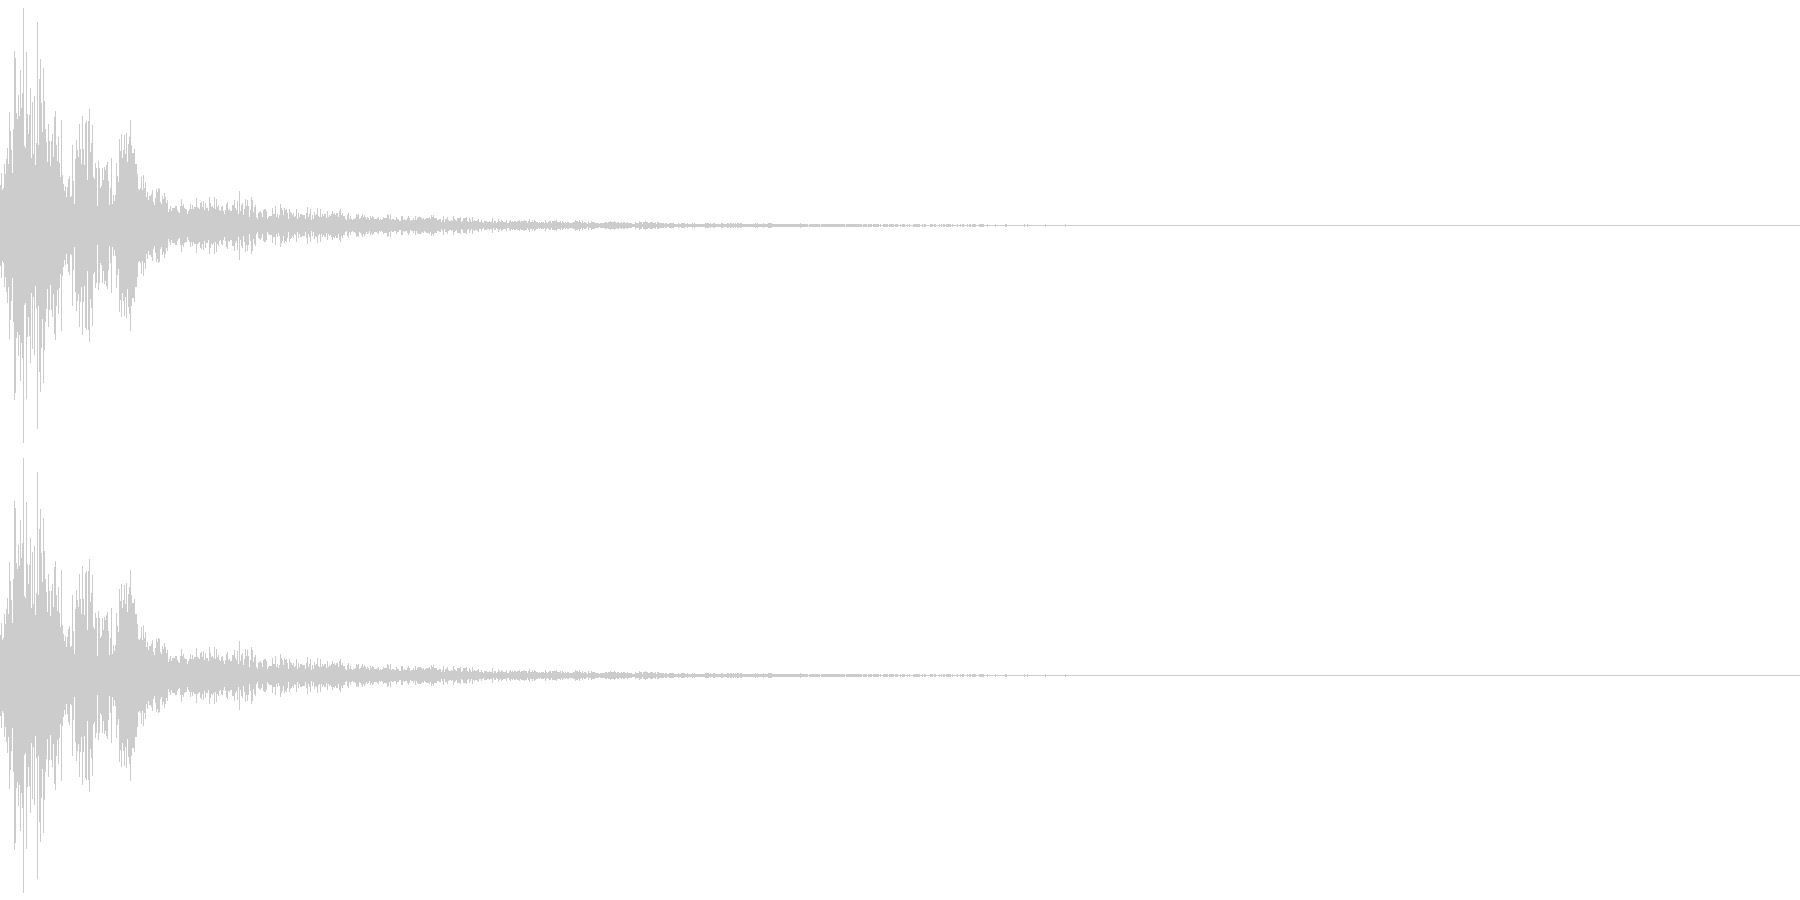 ガチャッ残響音 金属音 ドアノブの未再生の波形